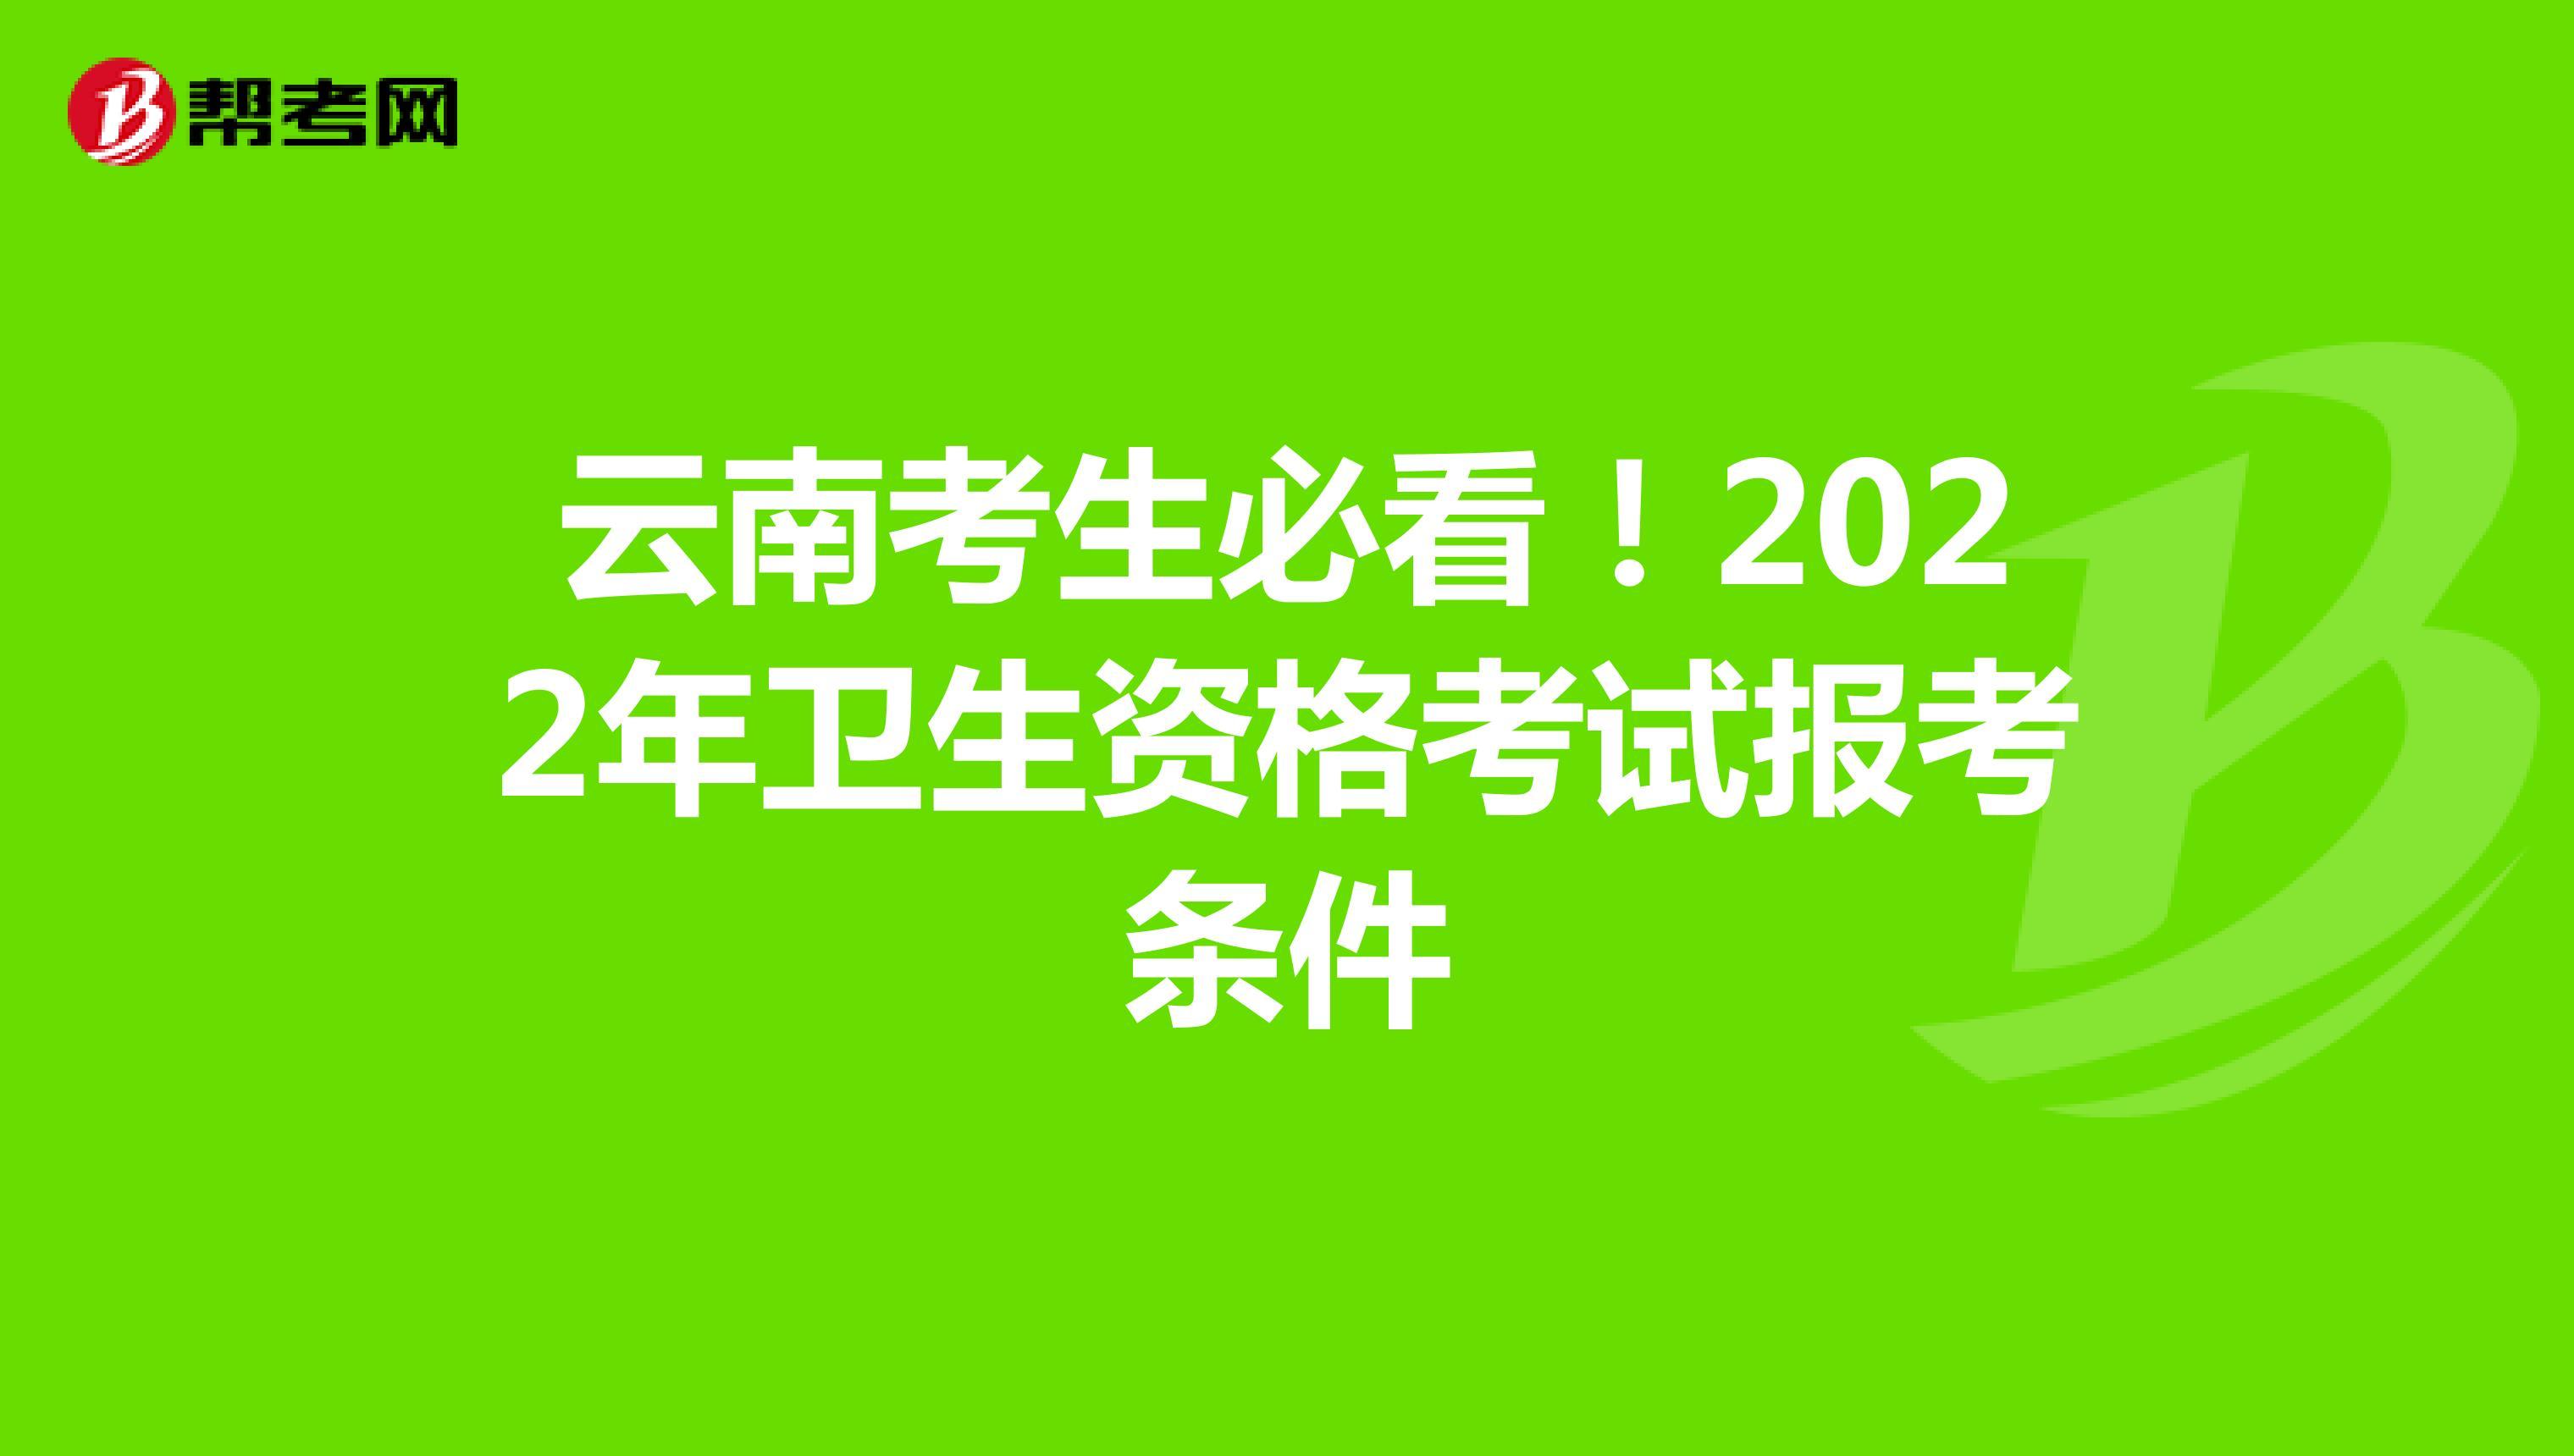 云南考生必看!2022年卫生资格考试报考条件